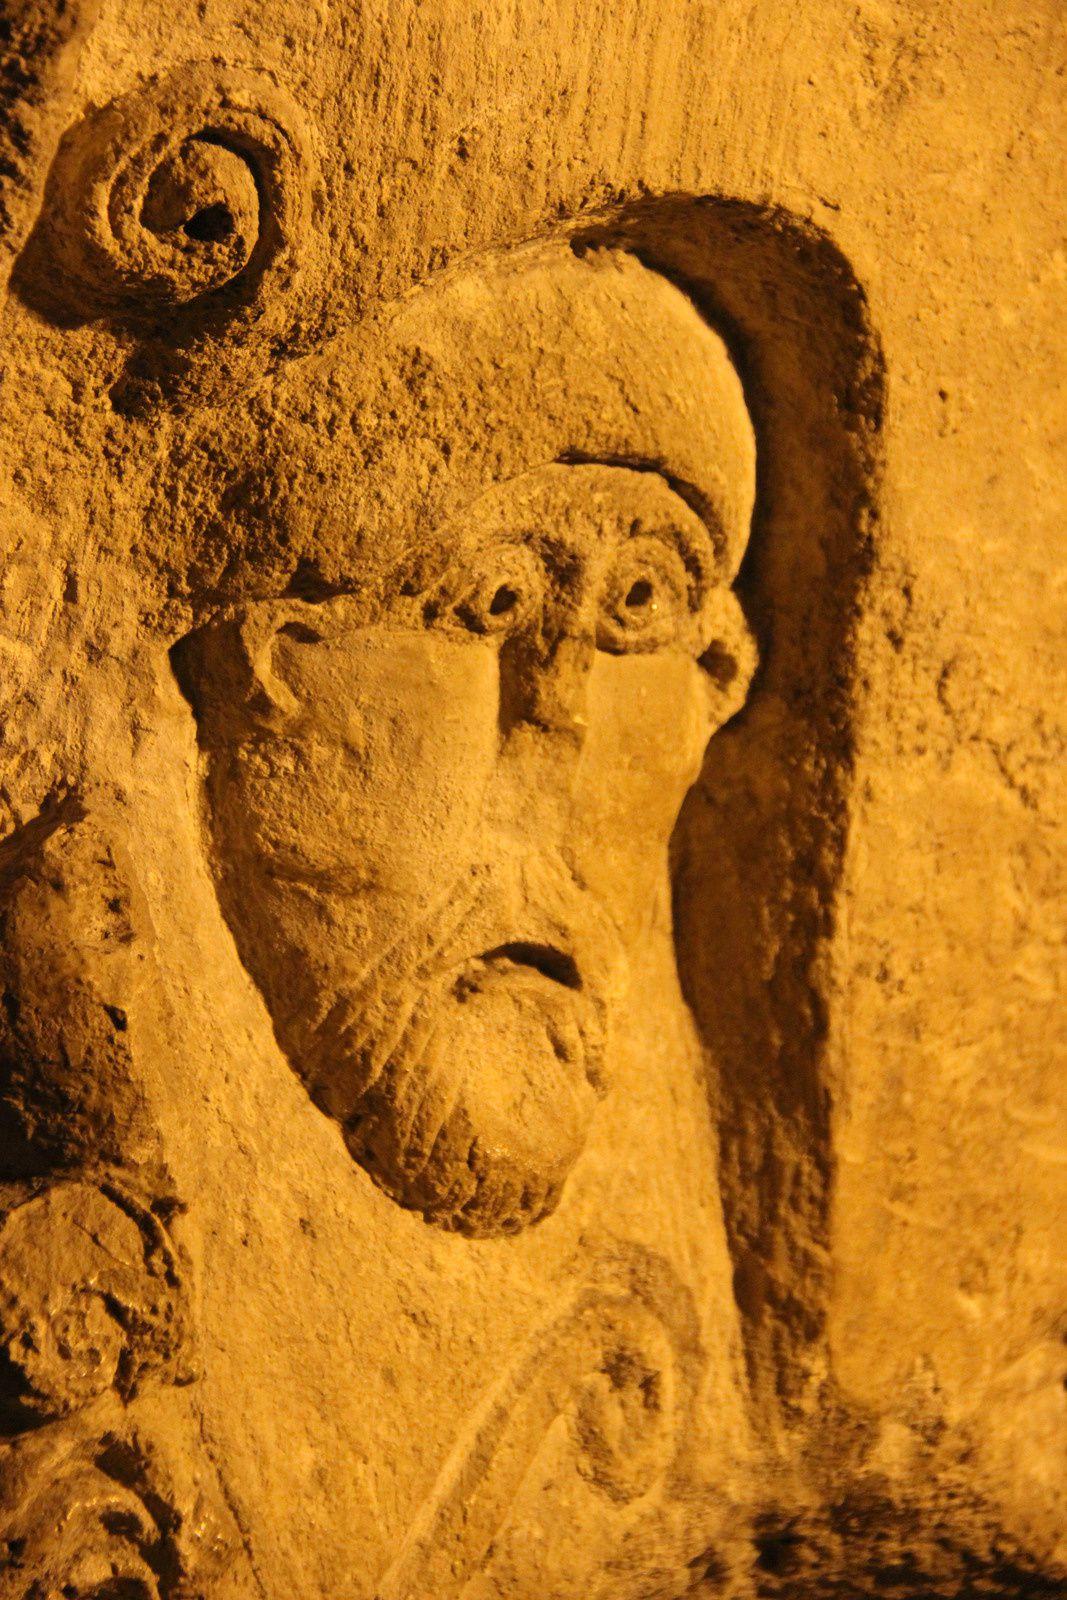 La crypte de l'Abbaye Saint Victor et la figure, gravée sur une colonne, de Saint Lazare, 1er Evêque de Marseille.